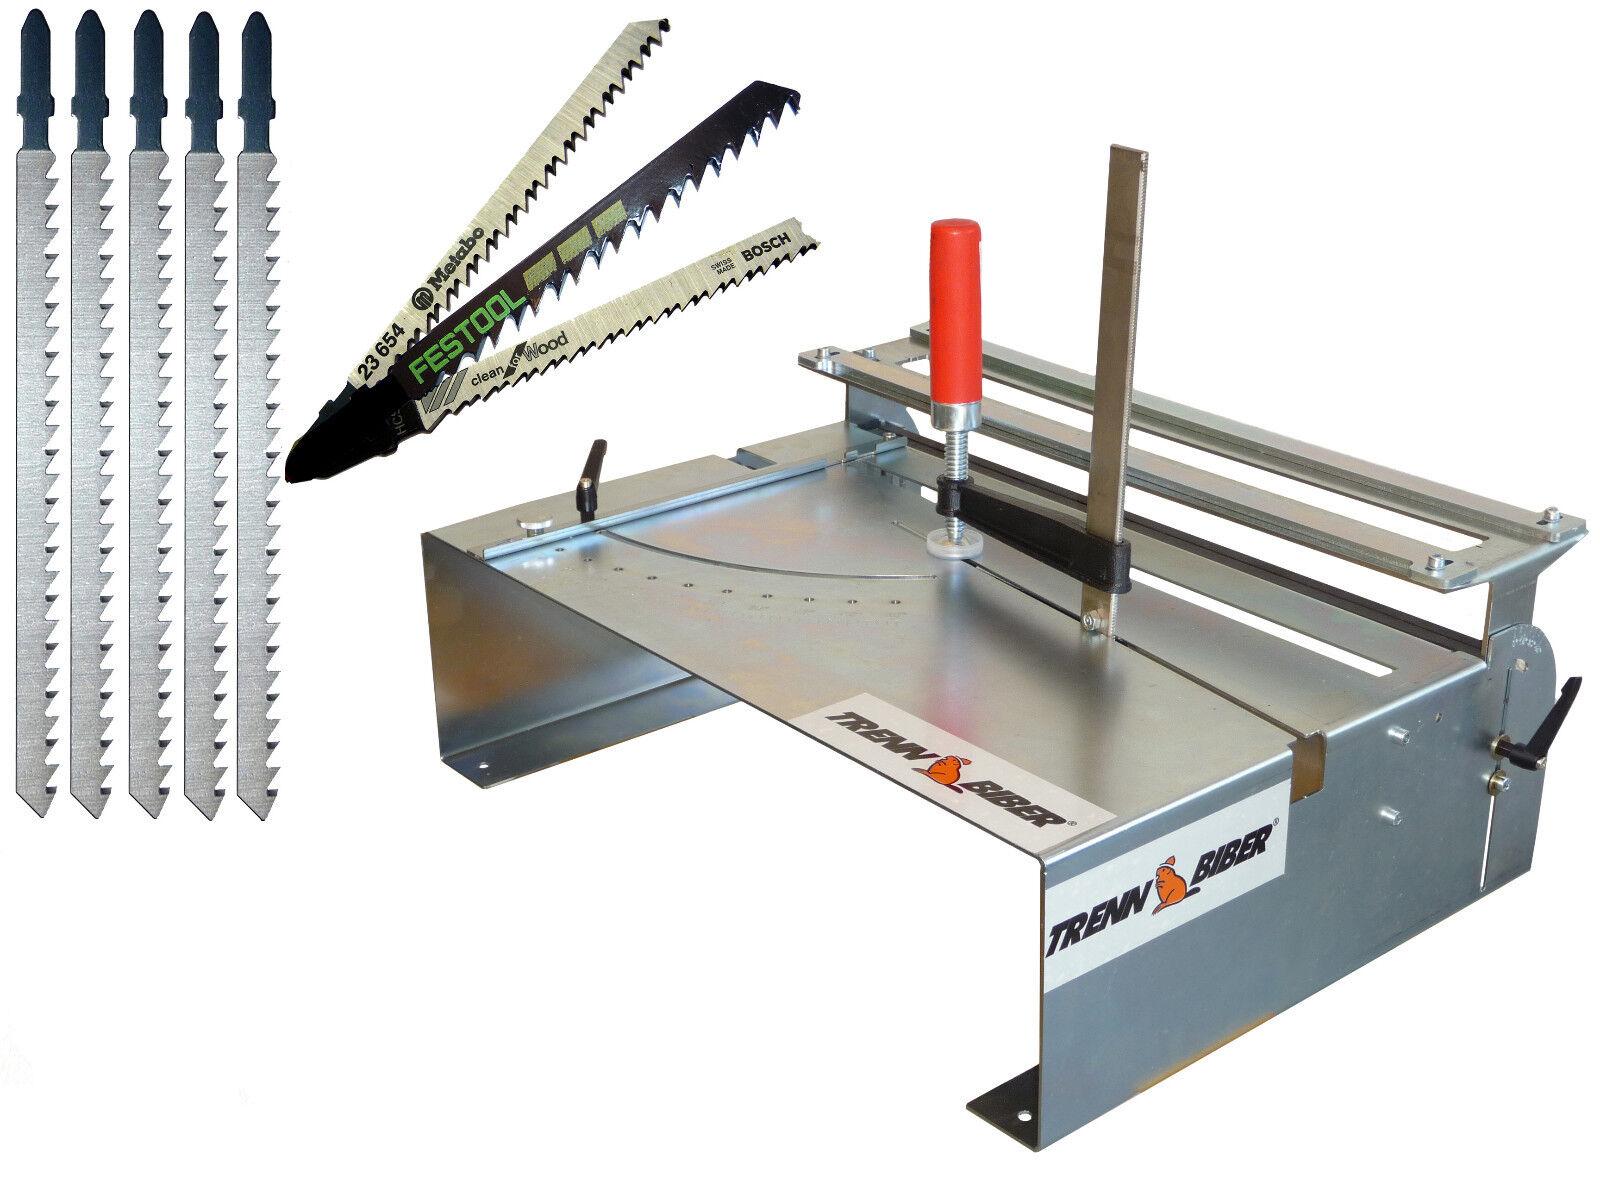 Gehrungssäge 014H + Metabo Bosch + 5 Stichsägeblätter extra lang für Stichsägen